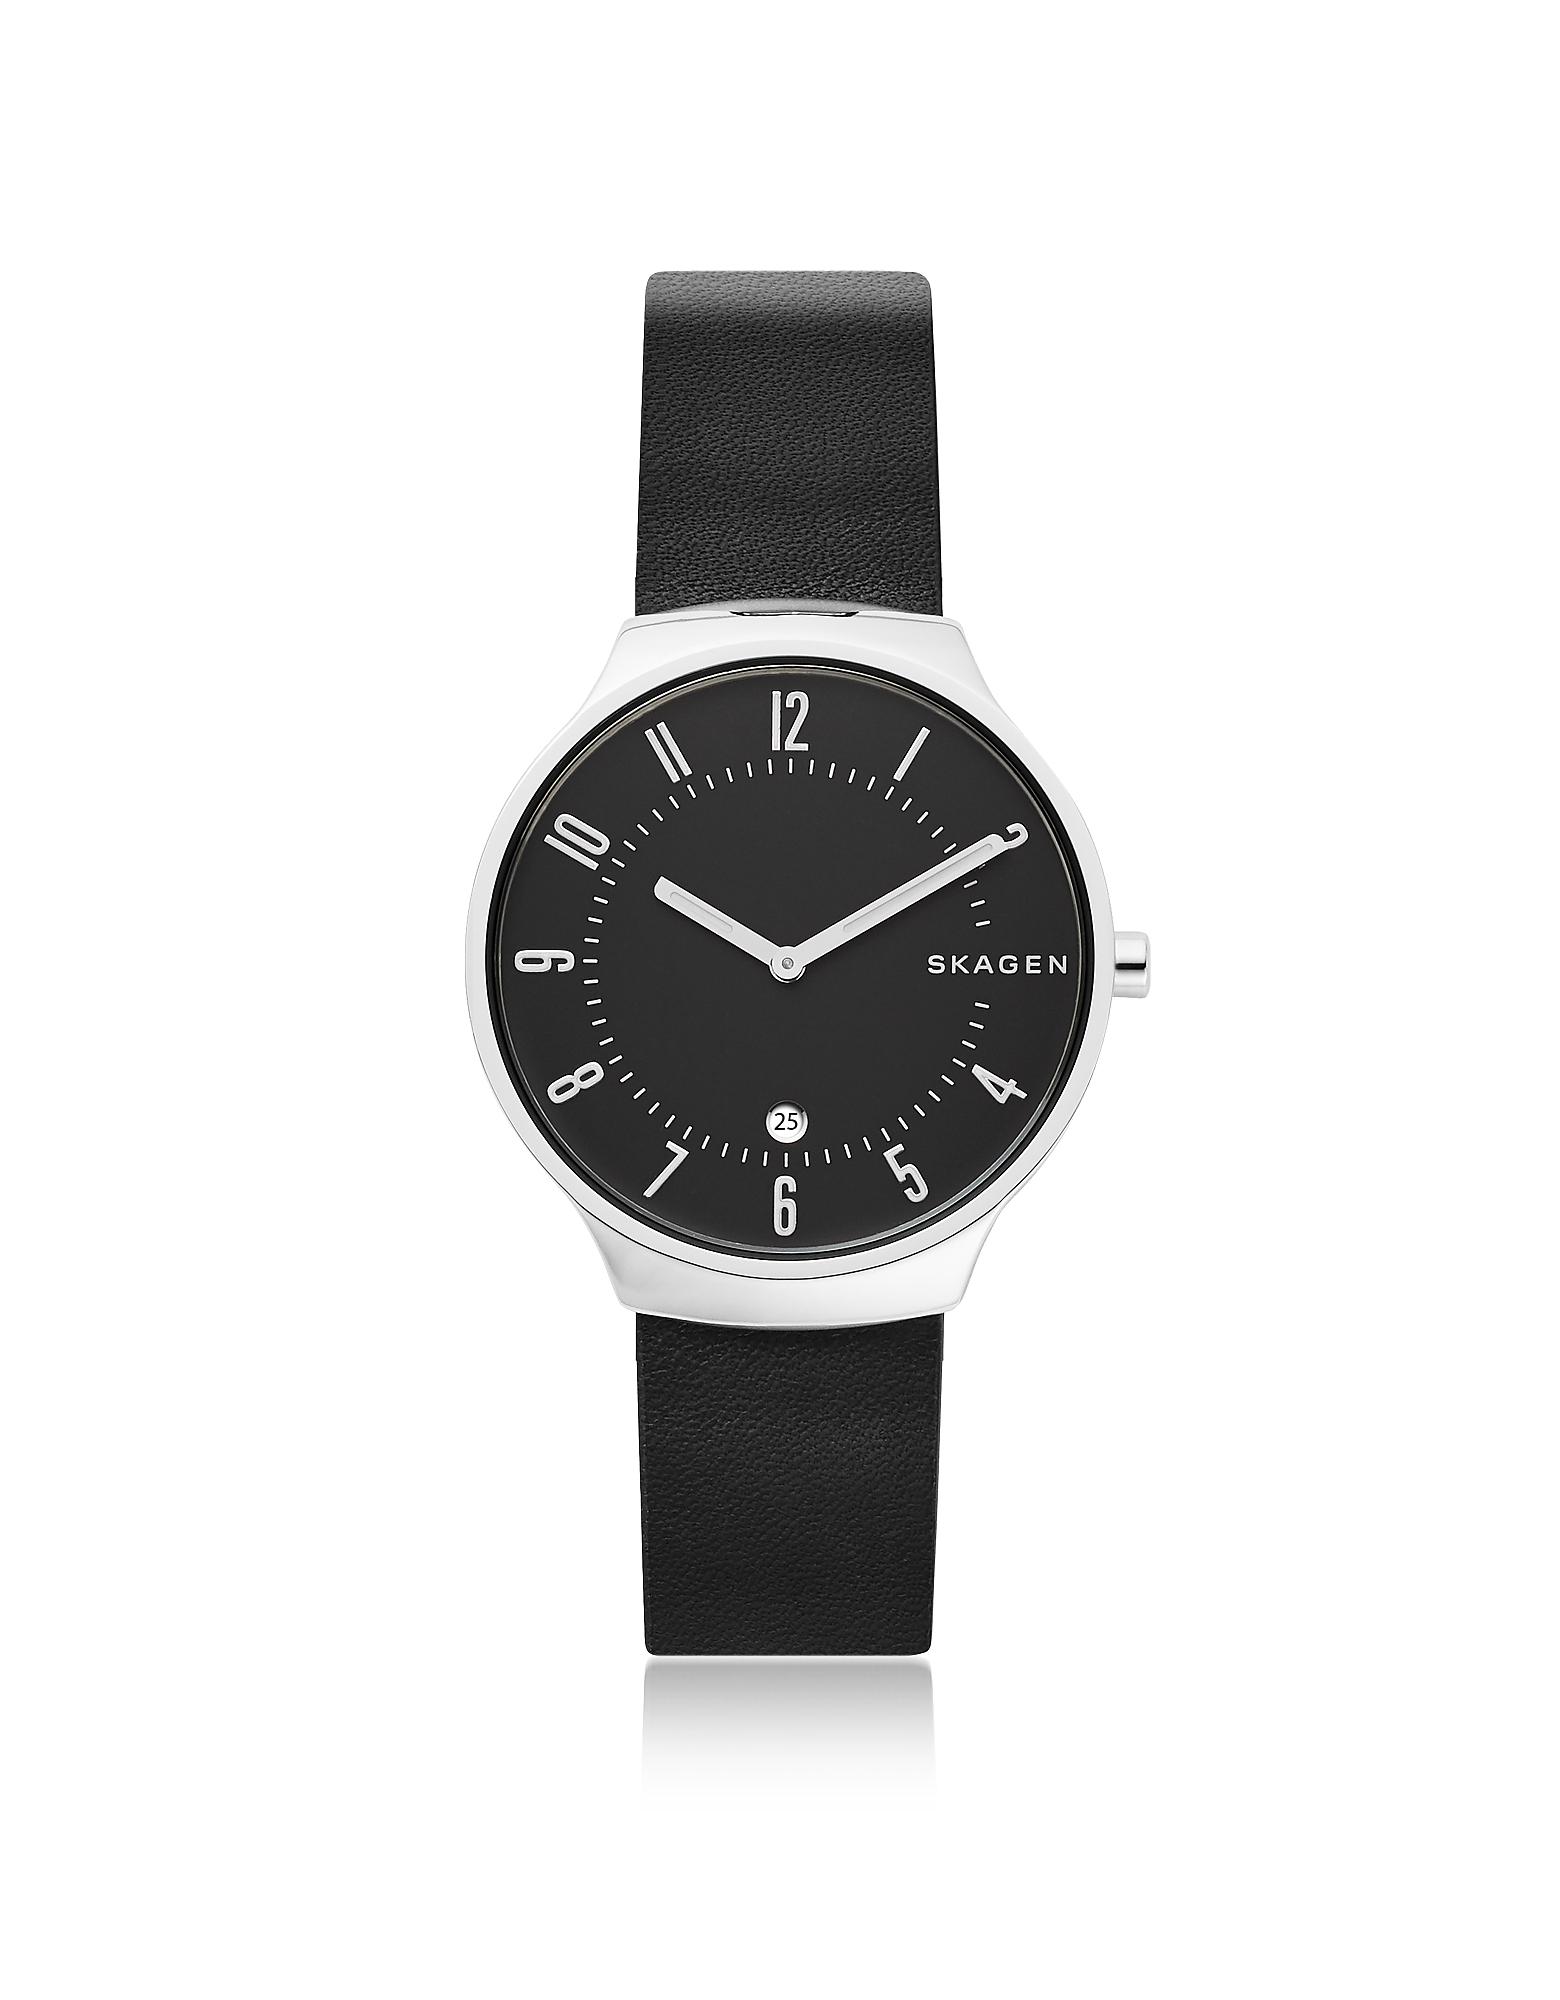 Skagen Men's Watches, Grenen Black Leather Men's Watch